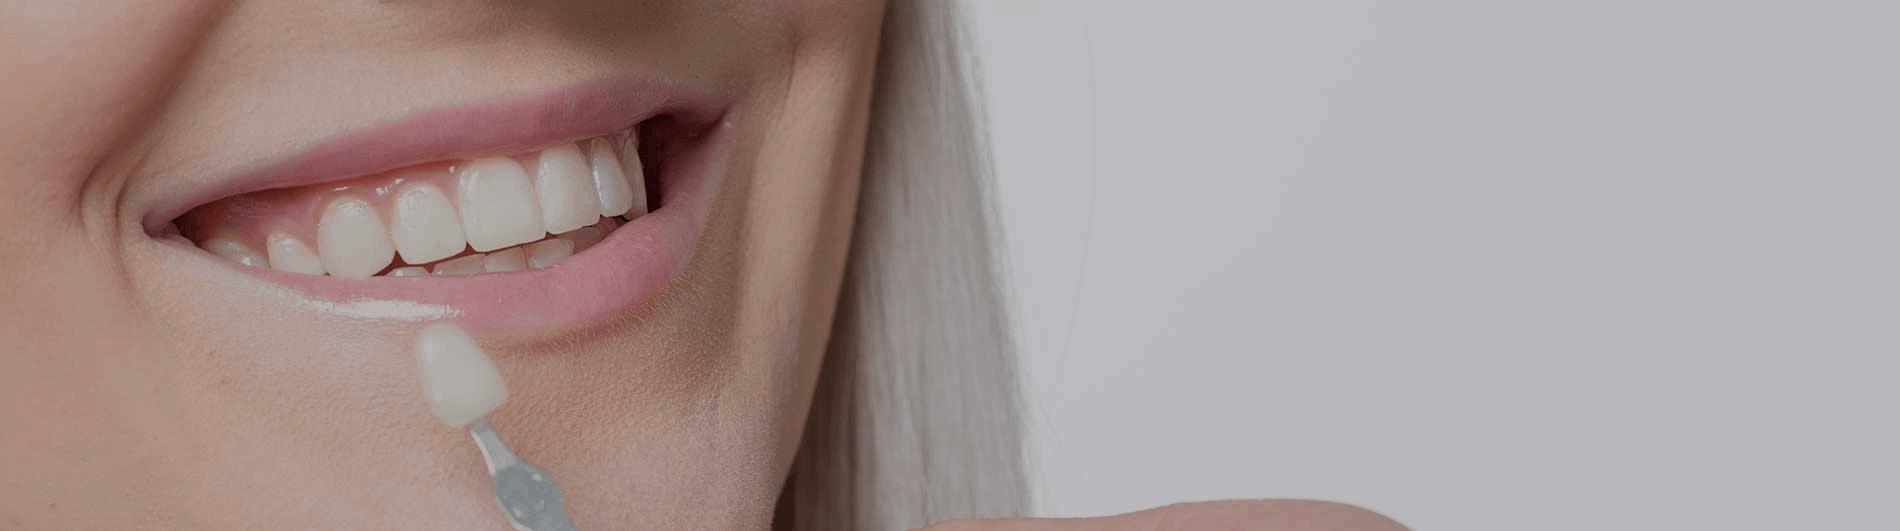 Dental Veneer Slider Image